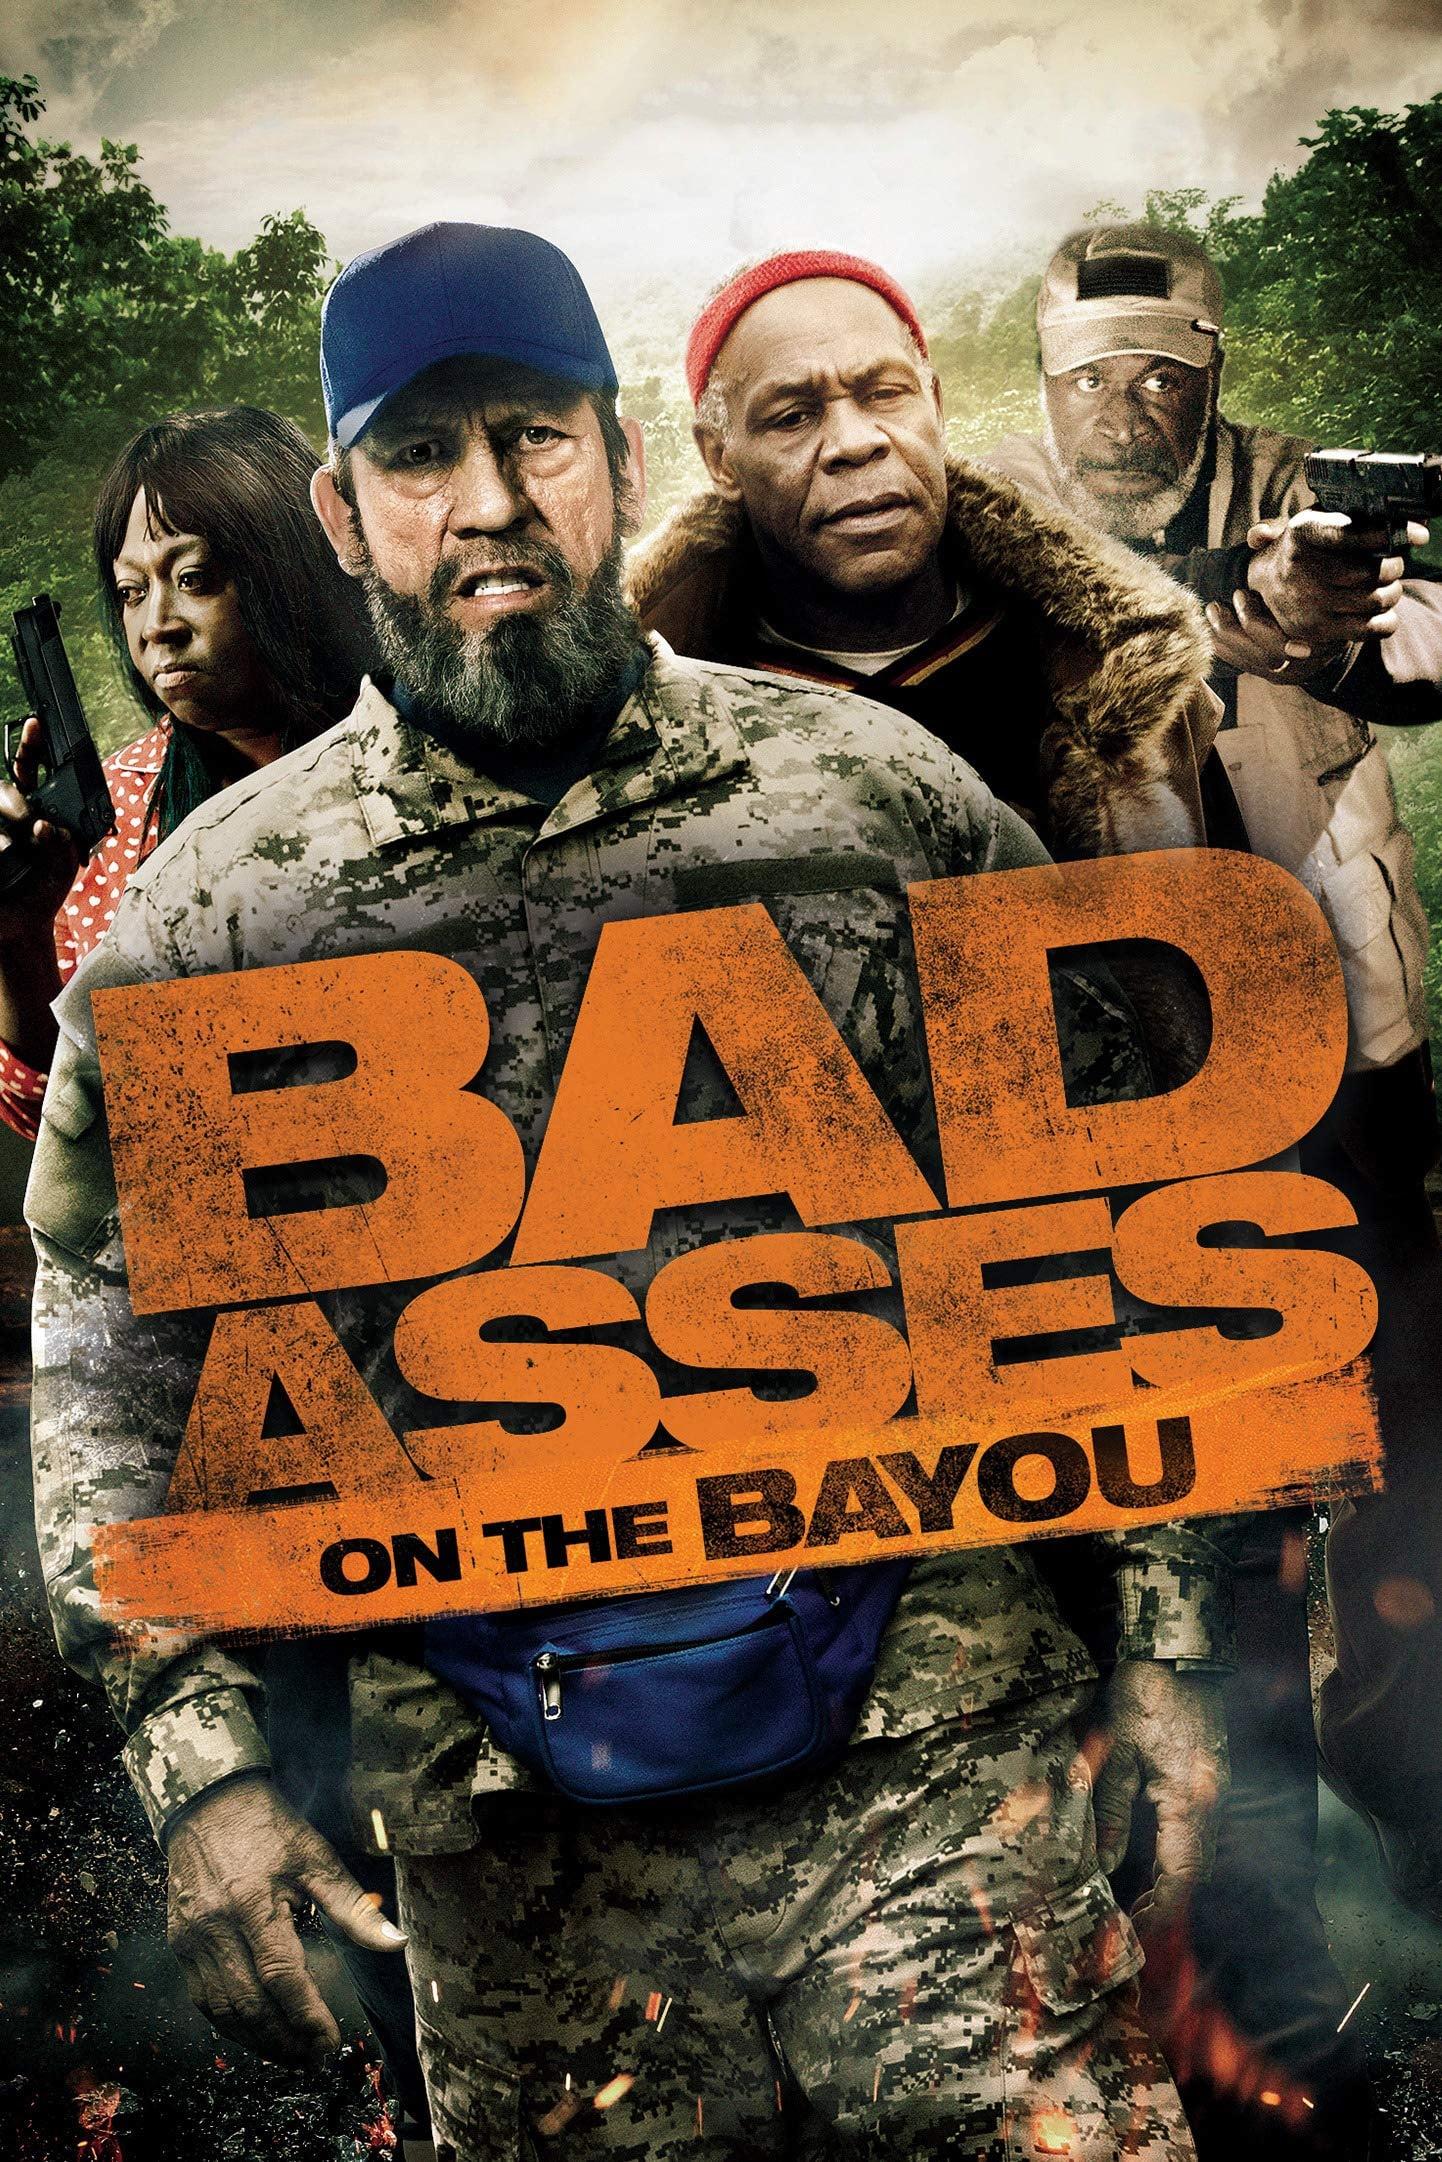 Bad Ass 3 – Dois Durões em Bayou